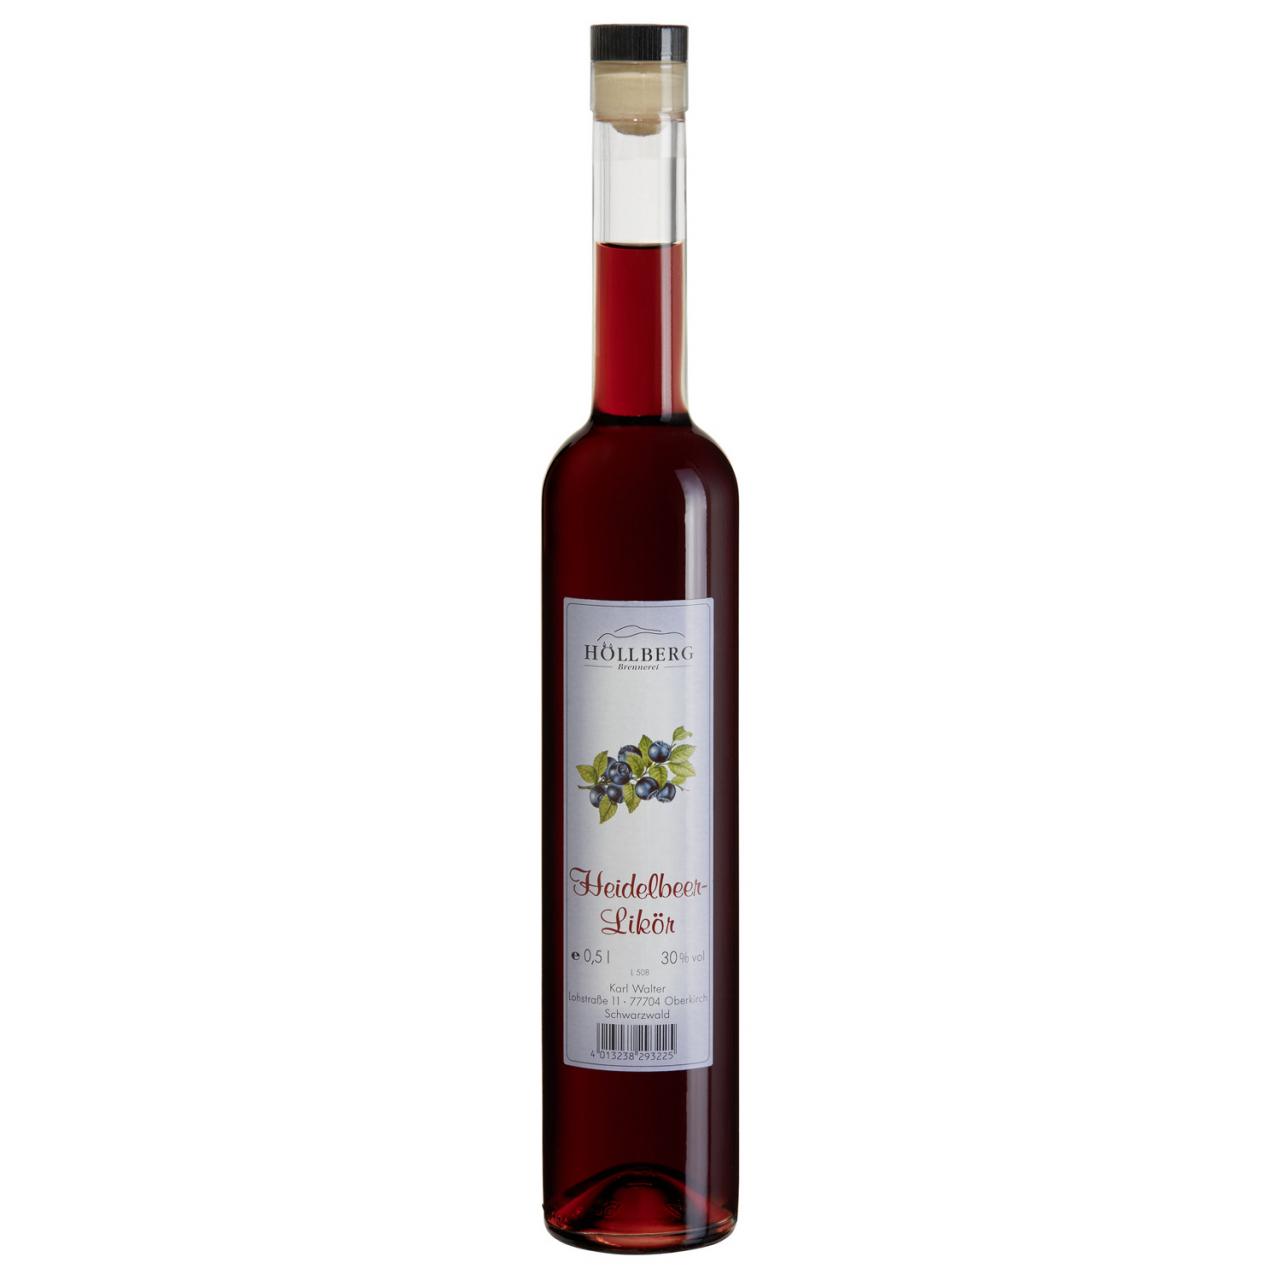 0,5 Liter Flasche Hoellberg Himbeerlikör mit einem Alkohlgehalt von 30% vol.